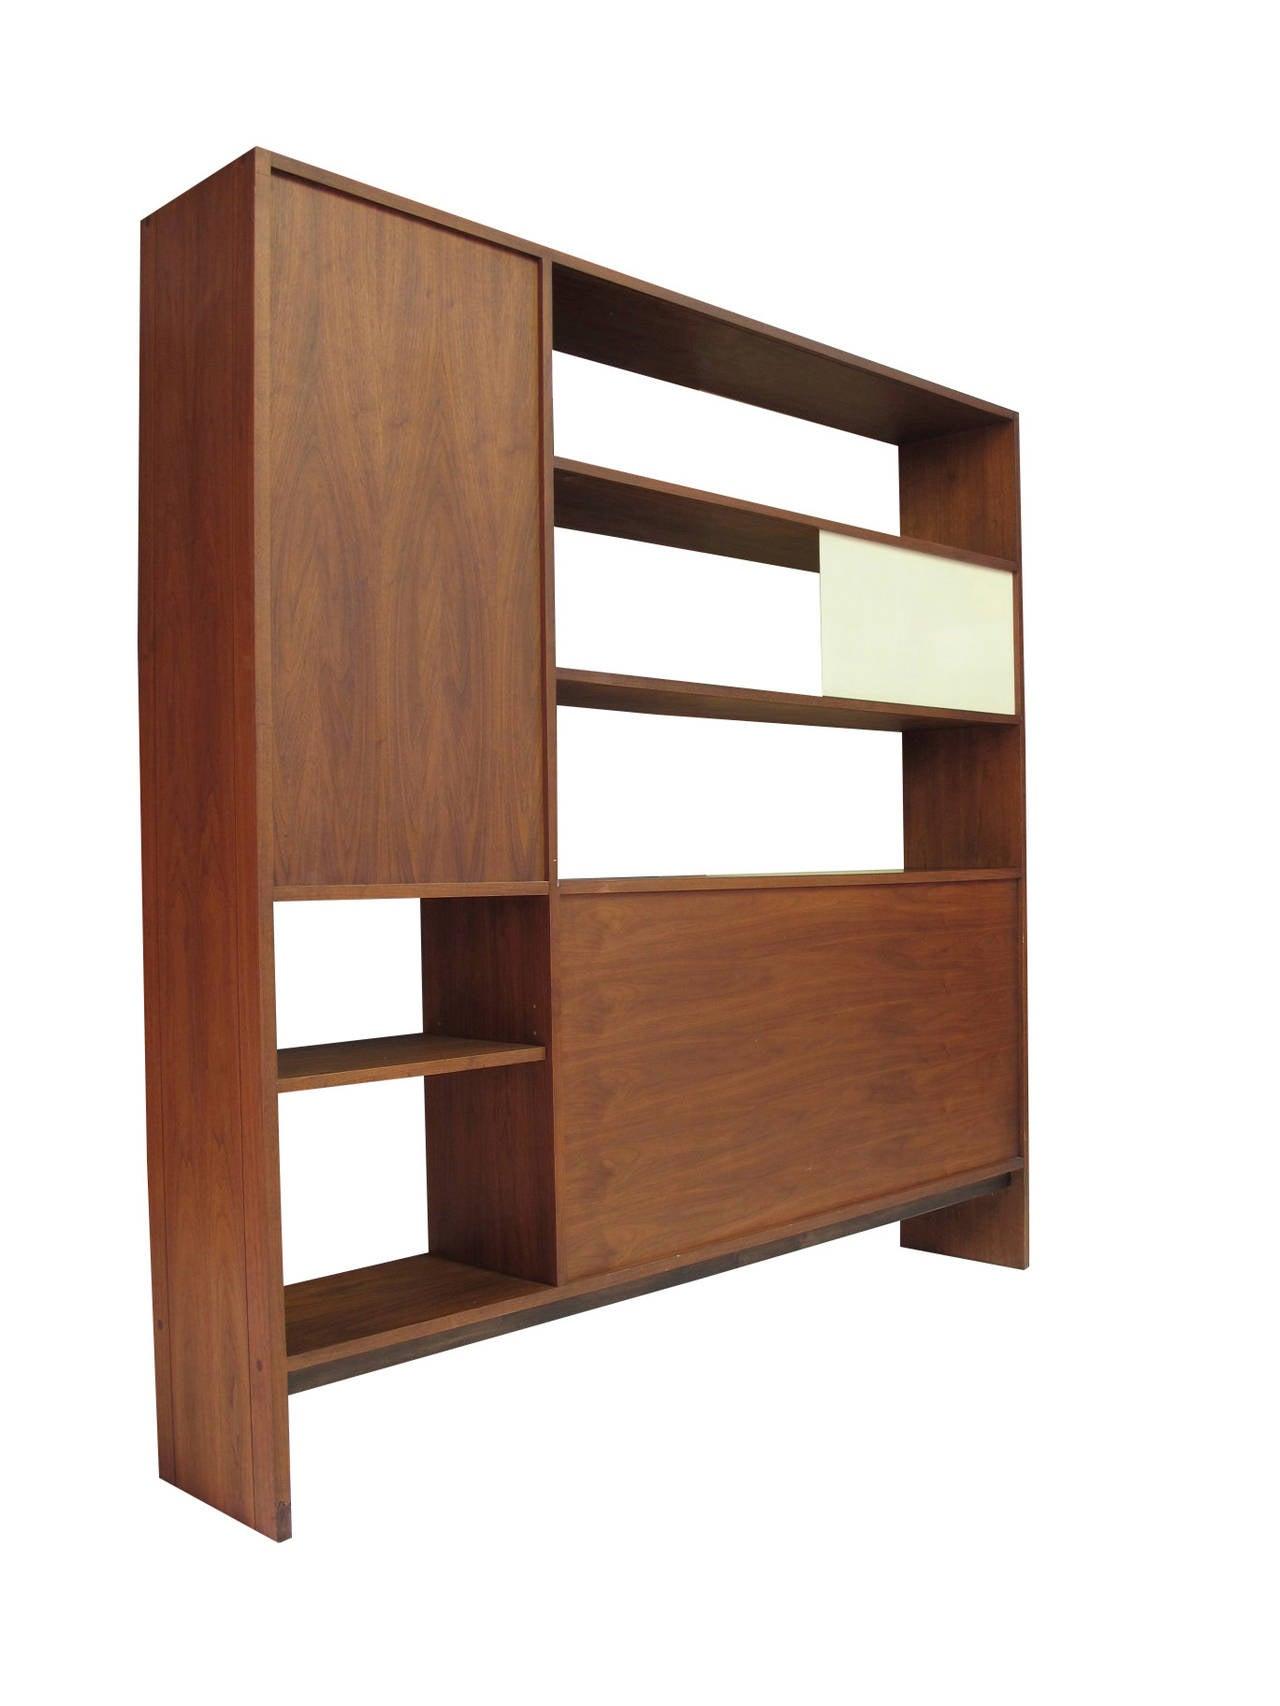 Walnut Room Divider Bookcase At 1stdibs